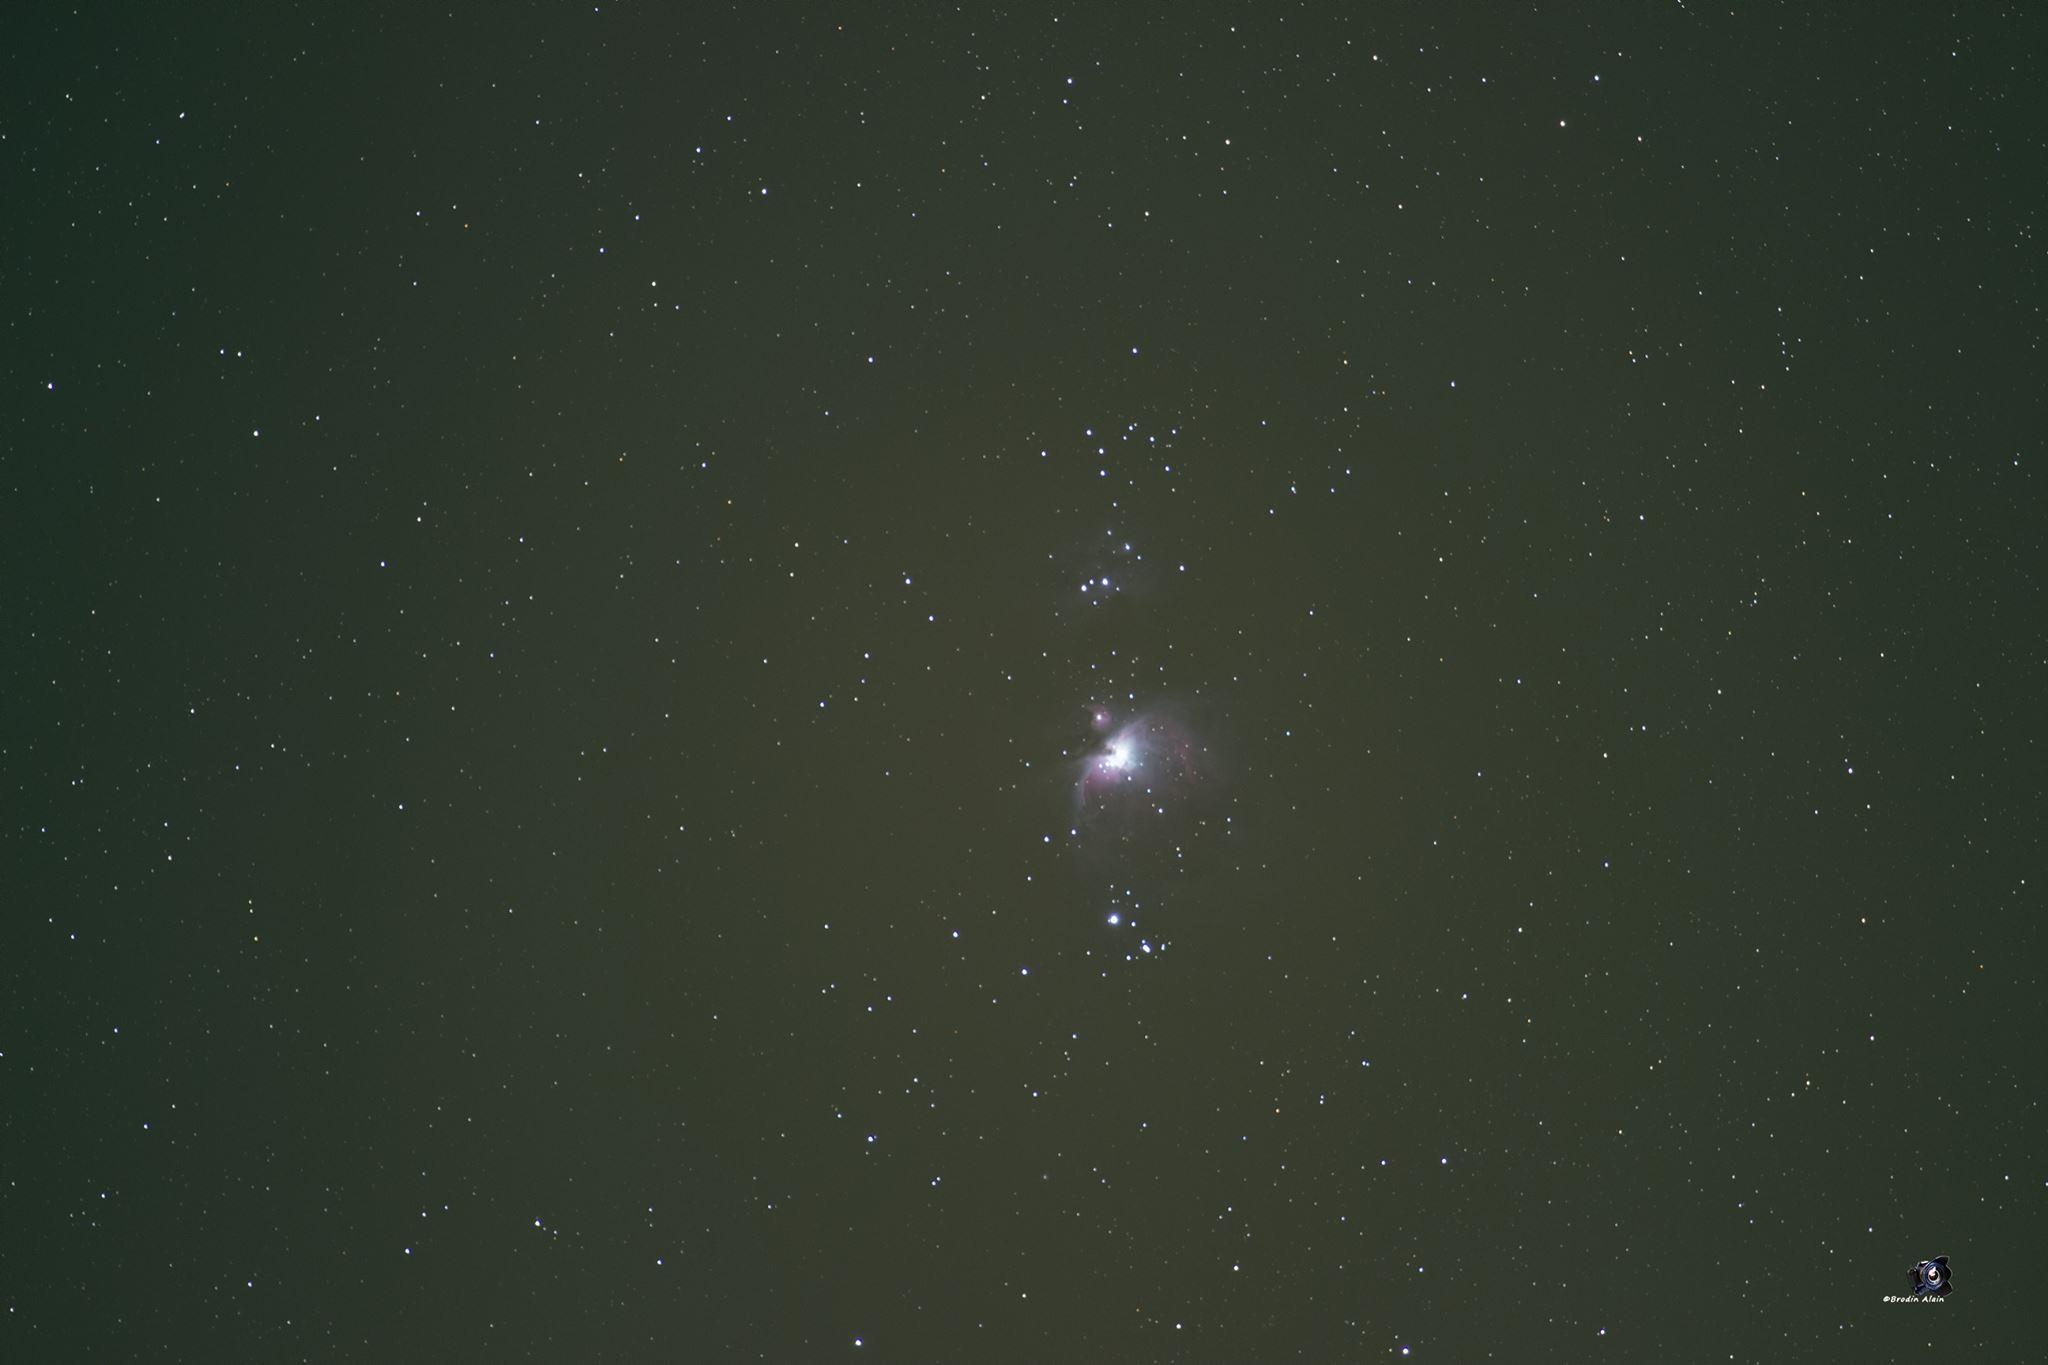 M42 du 21 01 2017